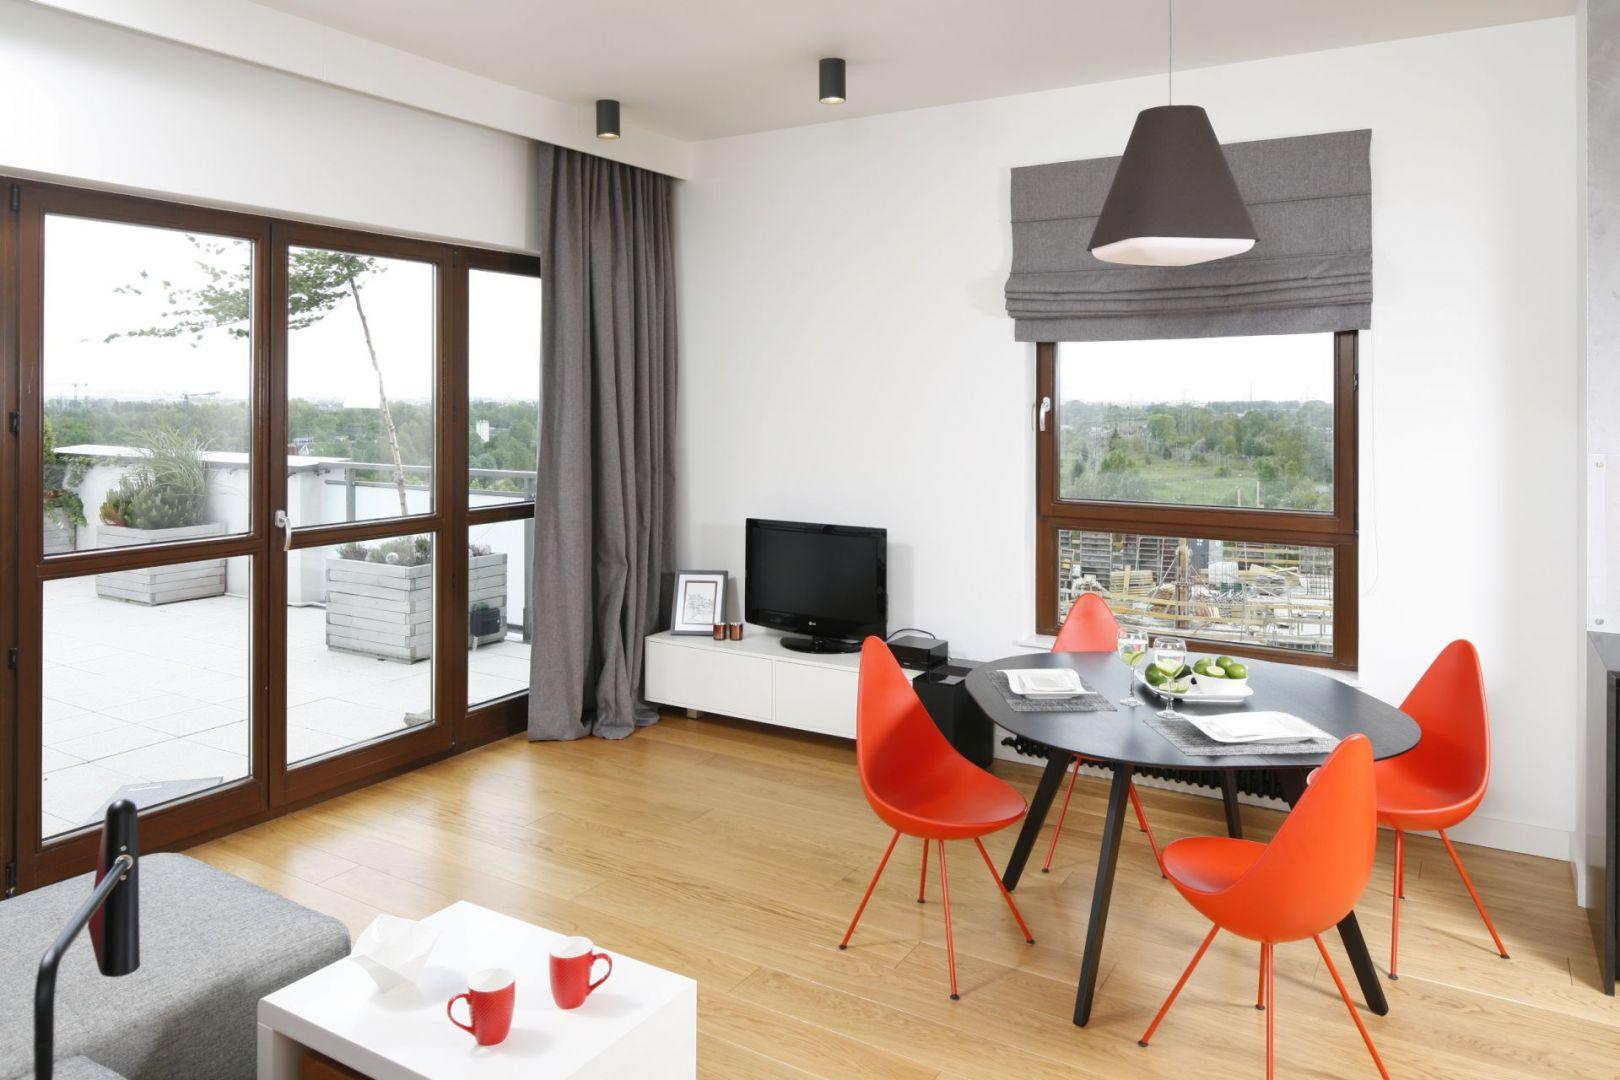 Krzesła znanego projektanta, w soczystym, rzucającym się w oczy kolorze będą ciekawym elementem salonu. Projekt Małgorzata Łyszczarz. Fot. Bartosz Jarosz